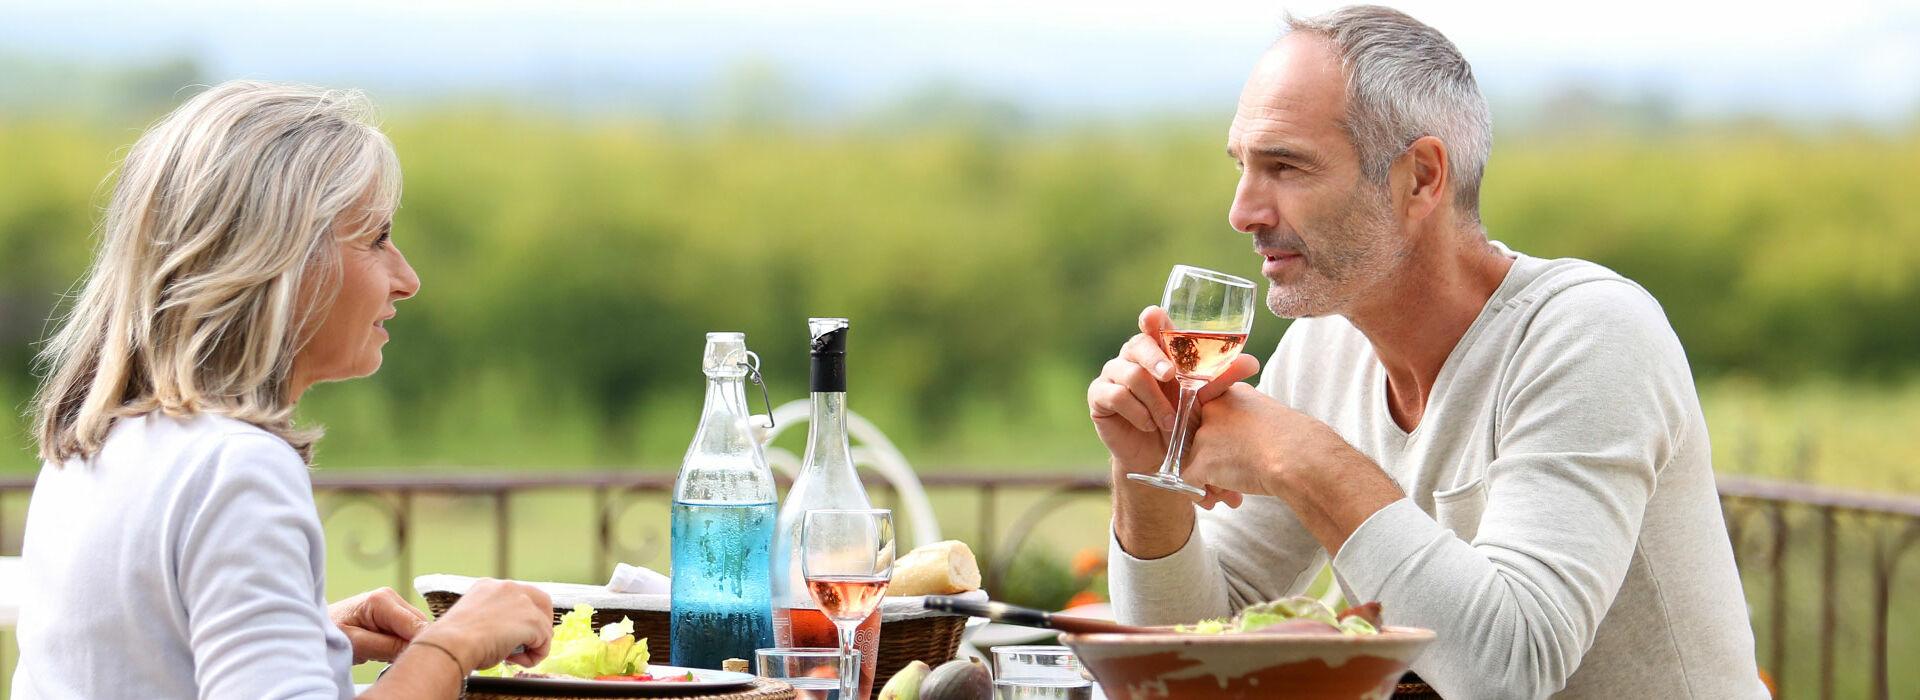 Vacances gourmandes avec dayreams